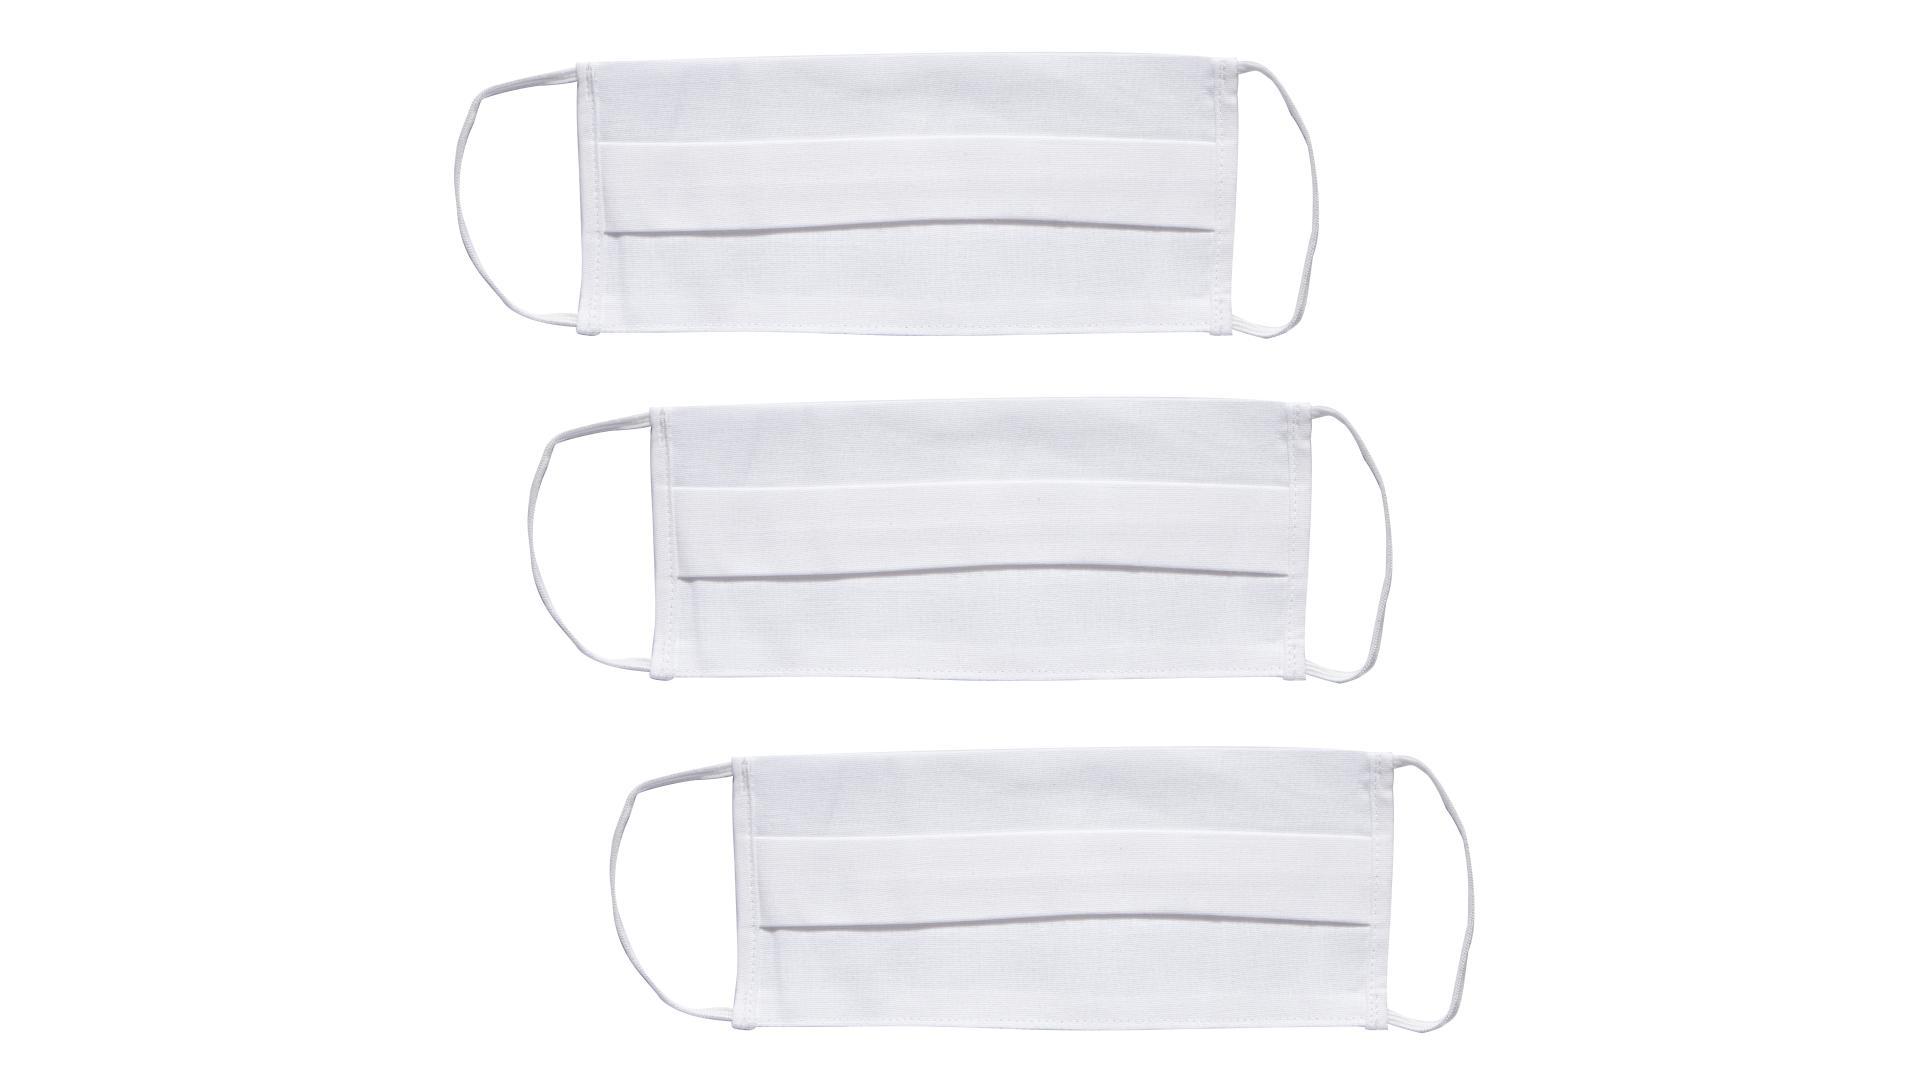 4CARS Dvojvrstvové ochranné bavlnené rúško biele  s gumičkou 3ks - väčšie